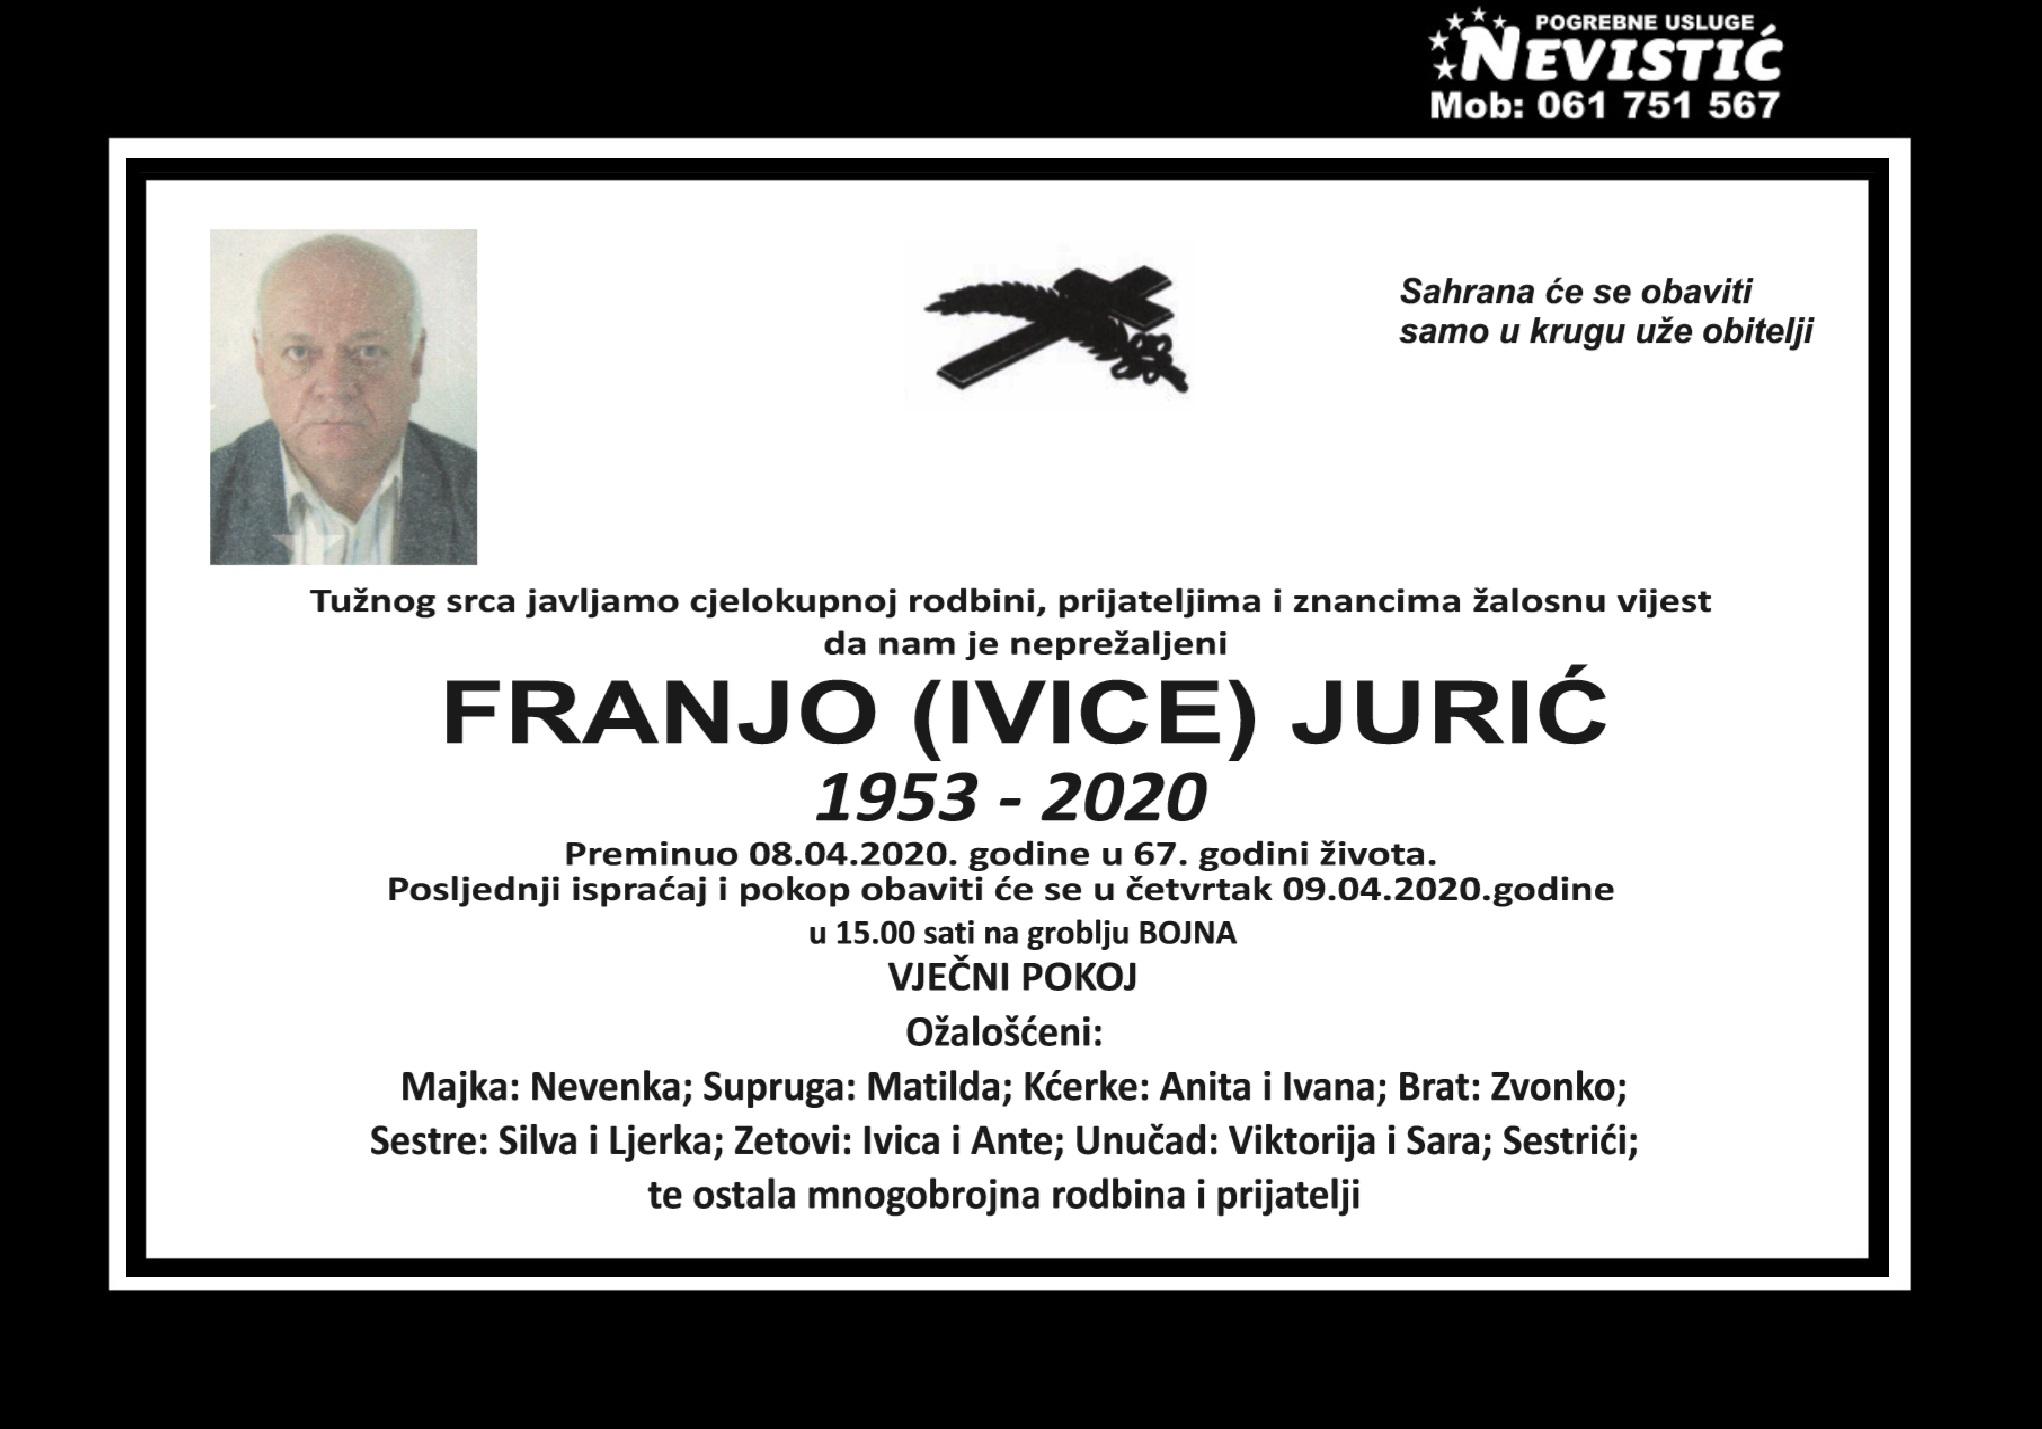 Franjo (Ivice) Jurić